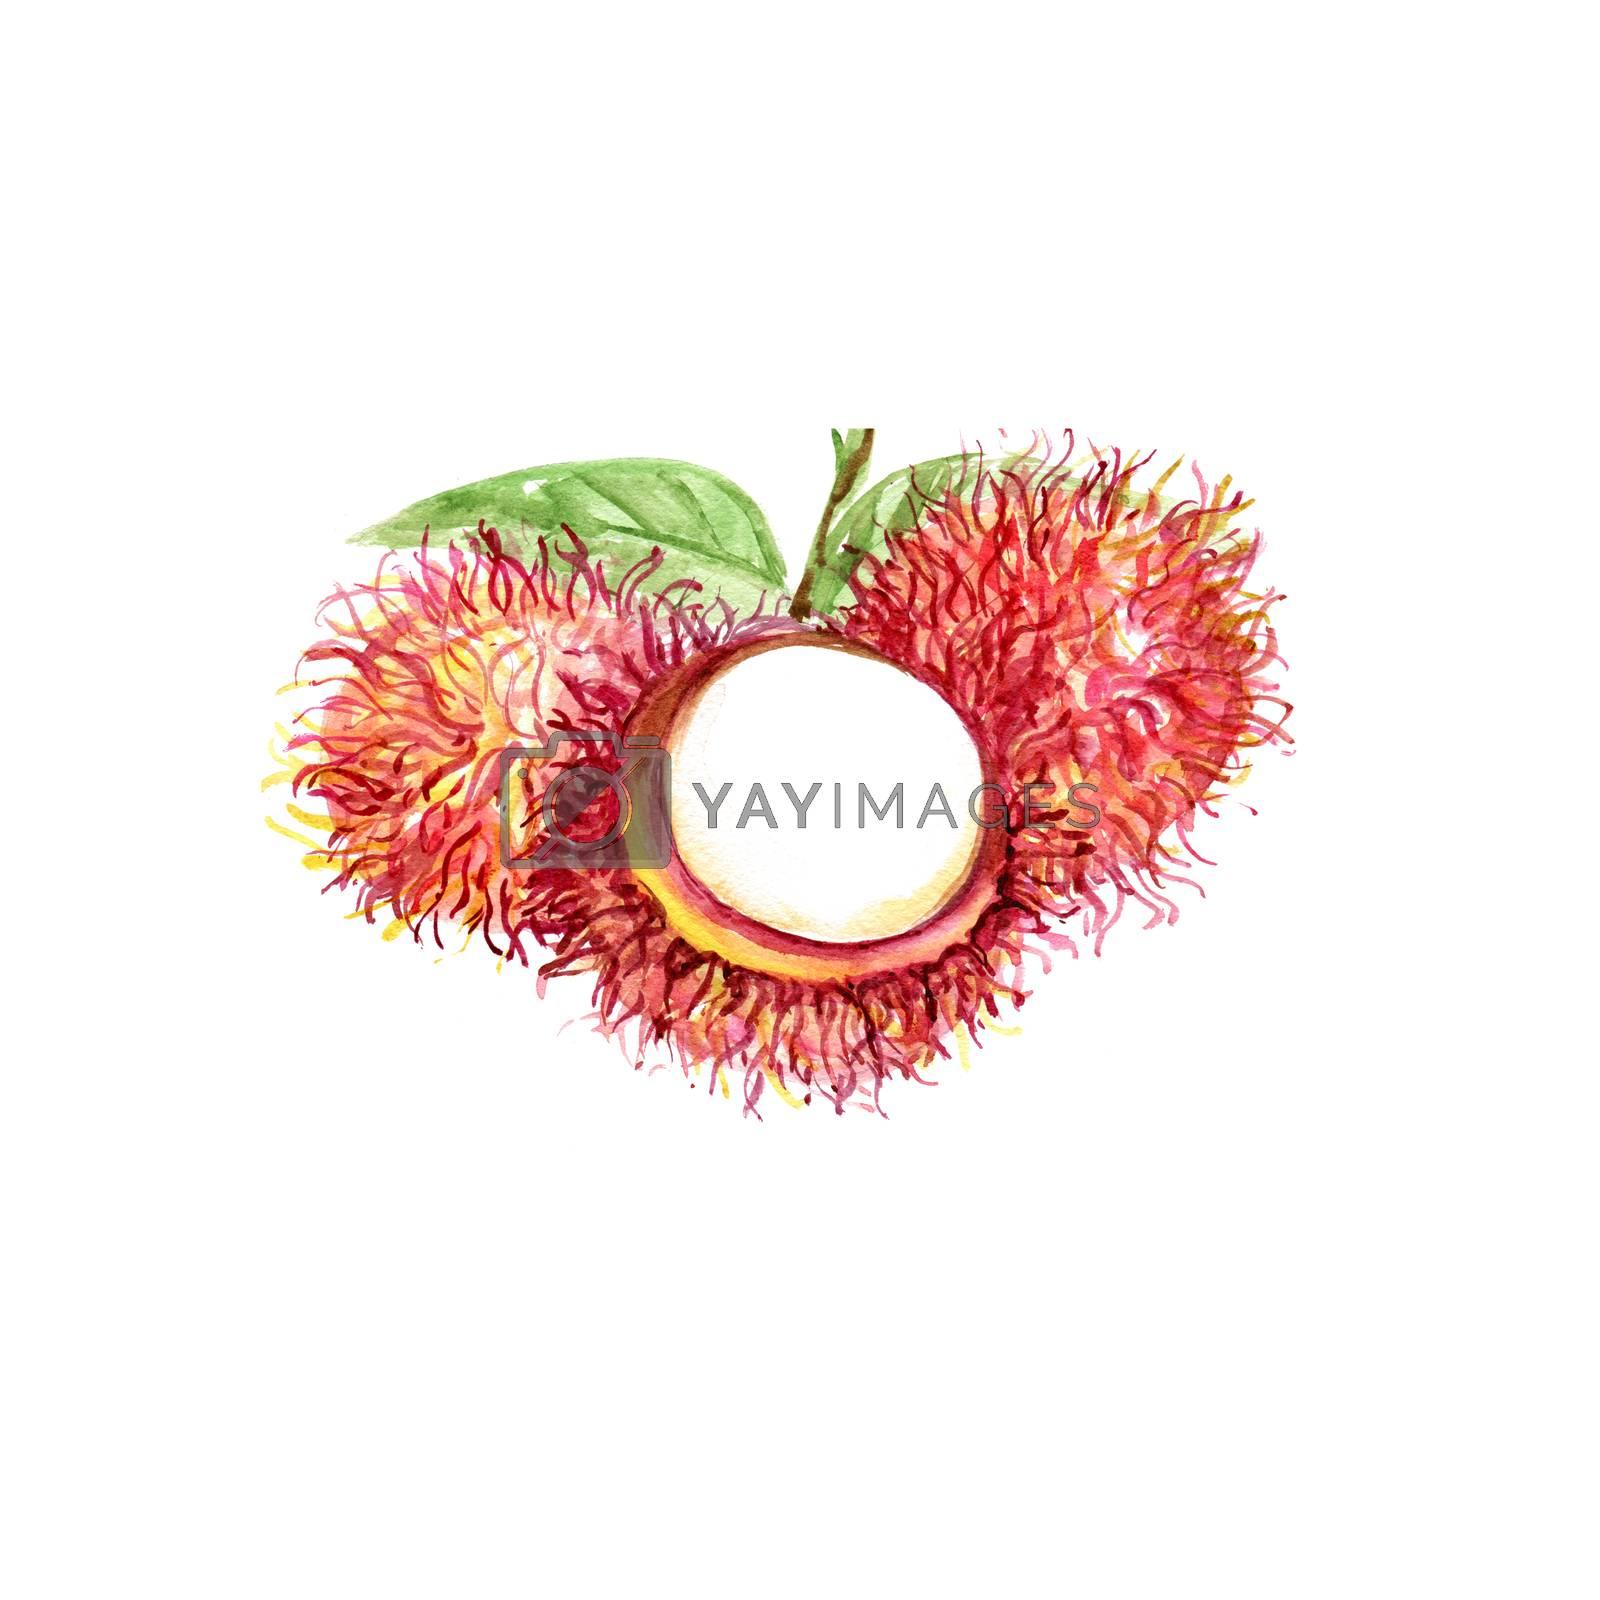 Watercolor Rambutan. Hand Drawn Illustration Organic Food Vegetarian Ingredient